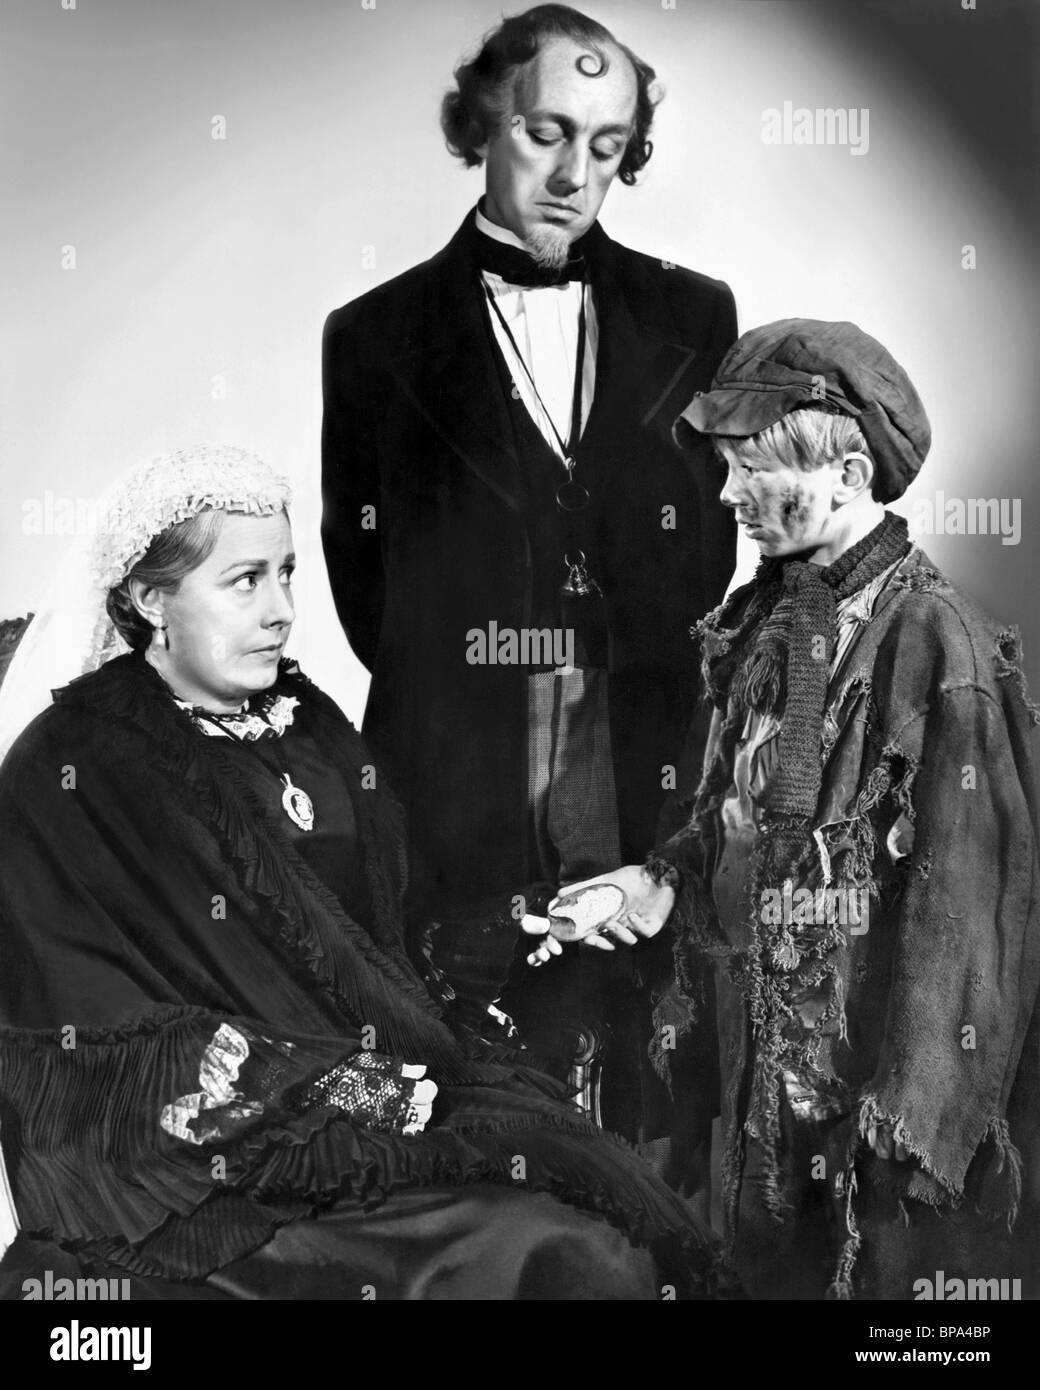 IRENE DUNNE, ALEC GUINNESS, ANDREW RAY, THE MUDLARK, 1950 - Stock Image